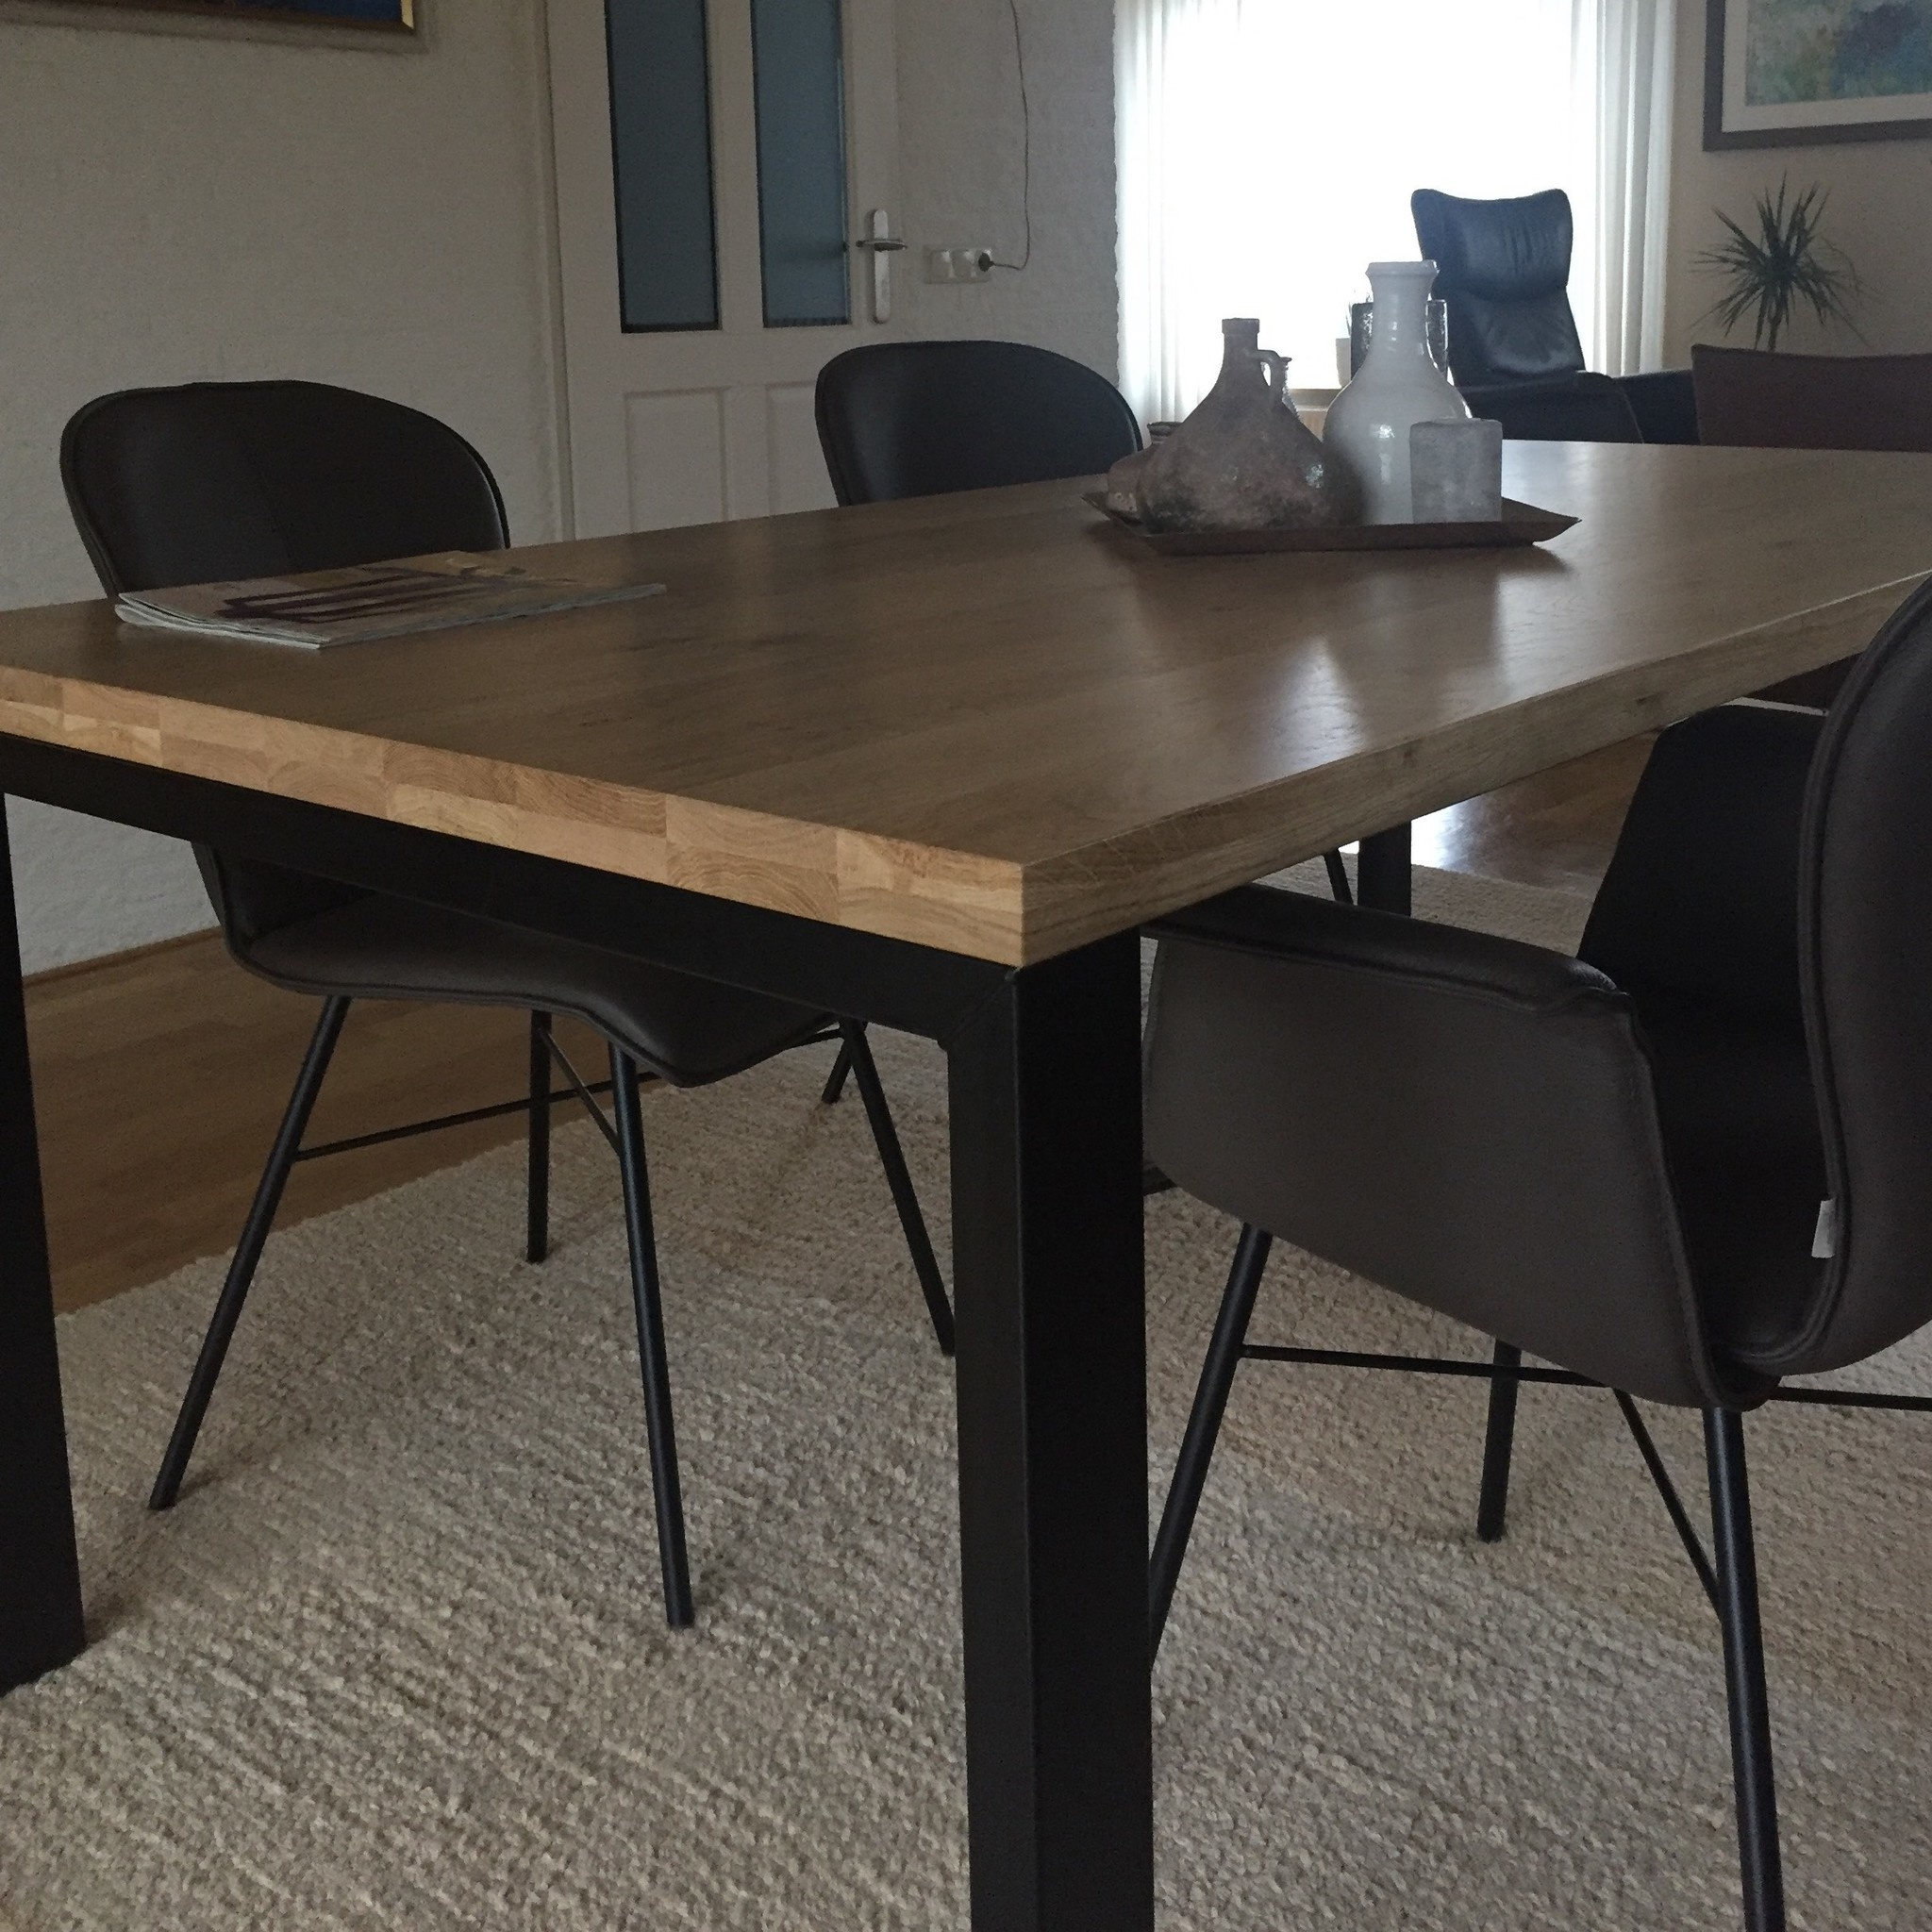 Tischplatte Eiche nach Maß - 5 cm dick (2-lagig) - Eichenholz rustikal - Eiche Tischplatte massiv - verleimt & künstlich getrocknet (HF 8-12%) - 50-120x50-300 cm